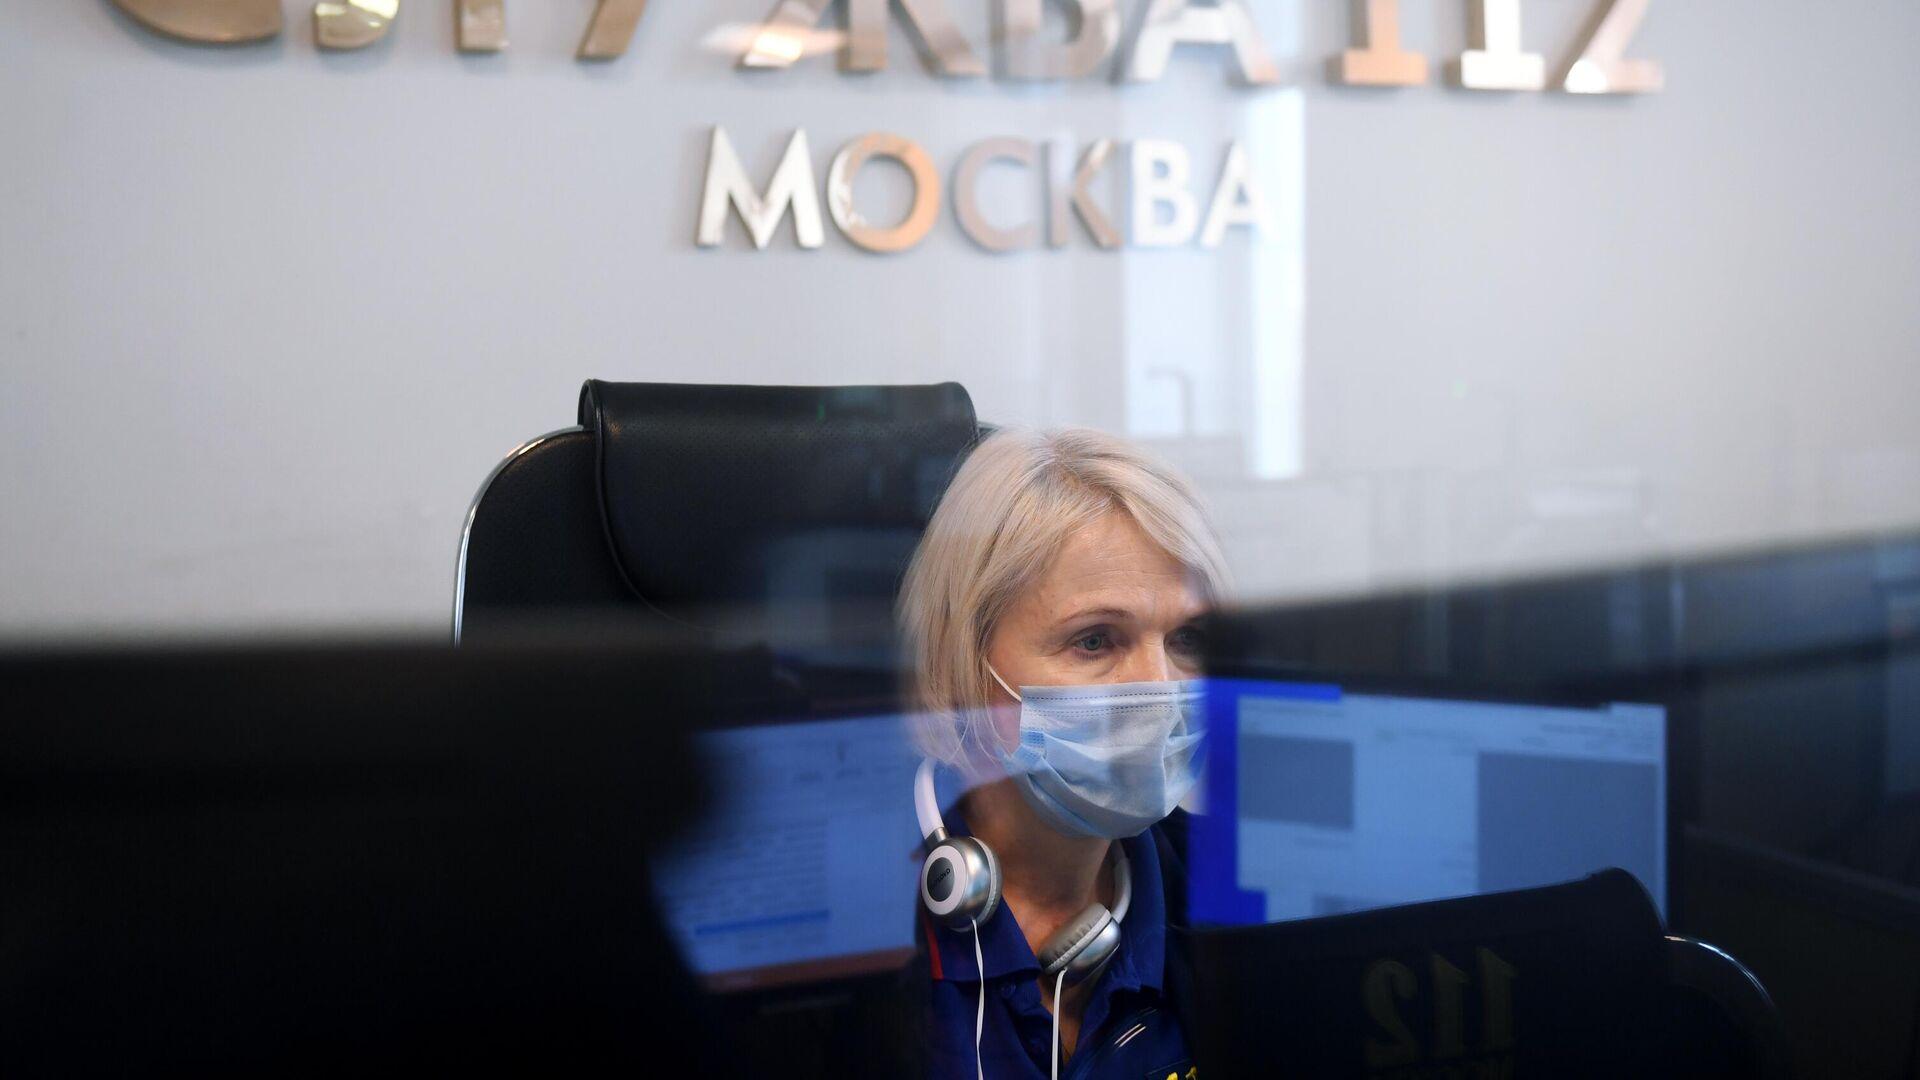 Работа Службы 112 Москвы - РИА Новости, 1920, 19.08.2021